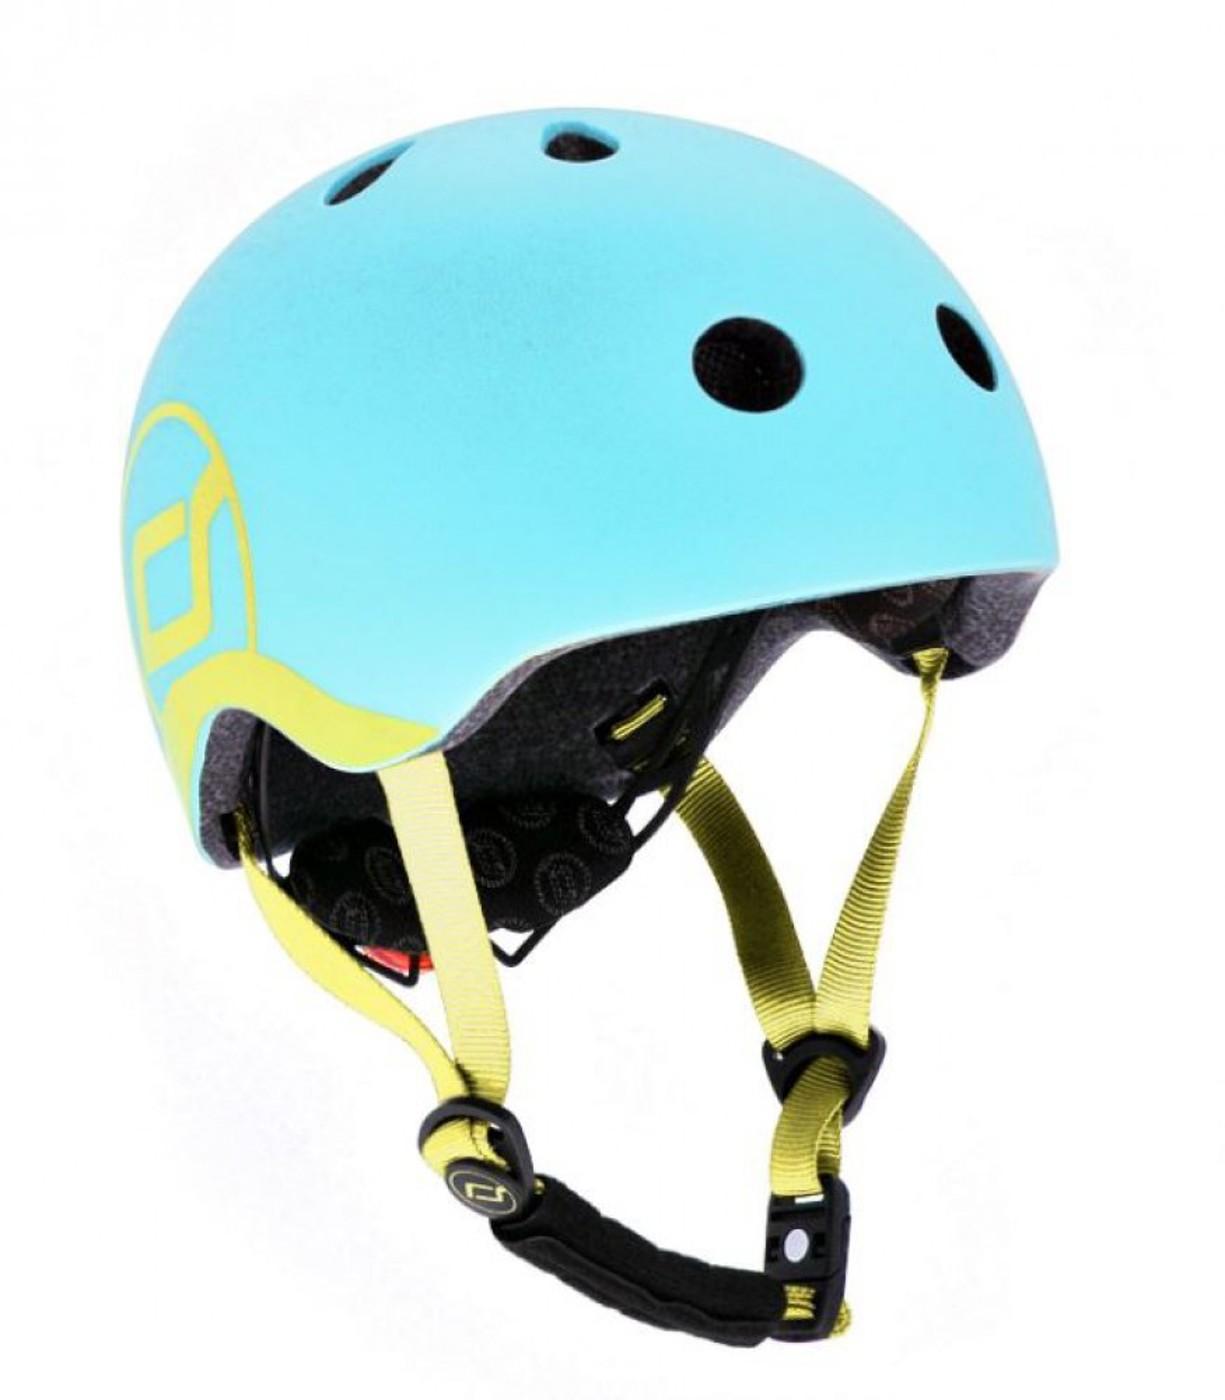 SCOOT & RIDE Helmet - Kinder